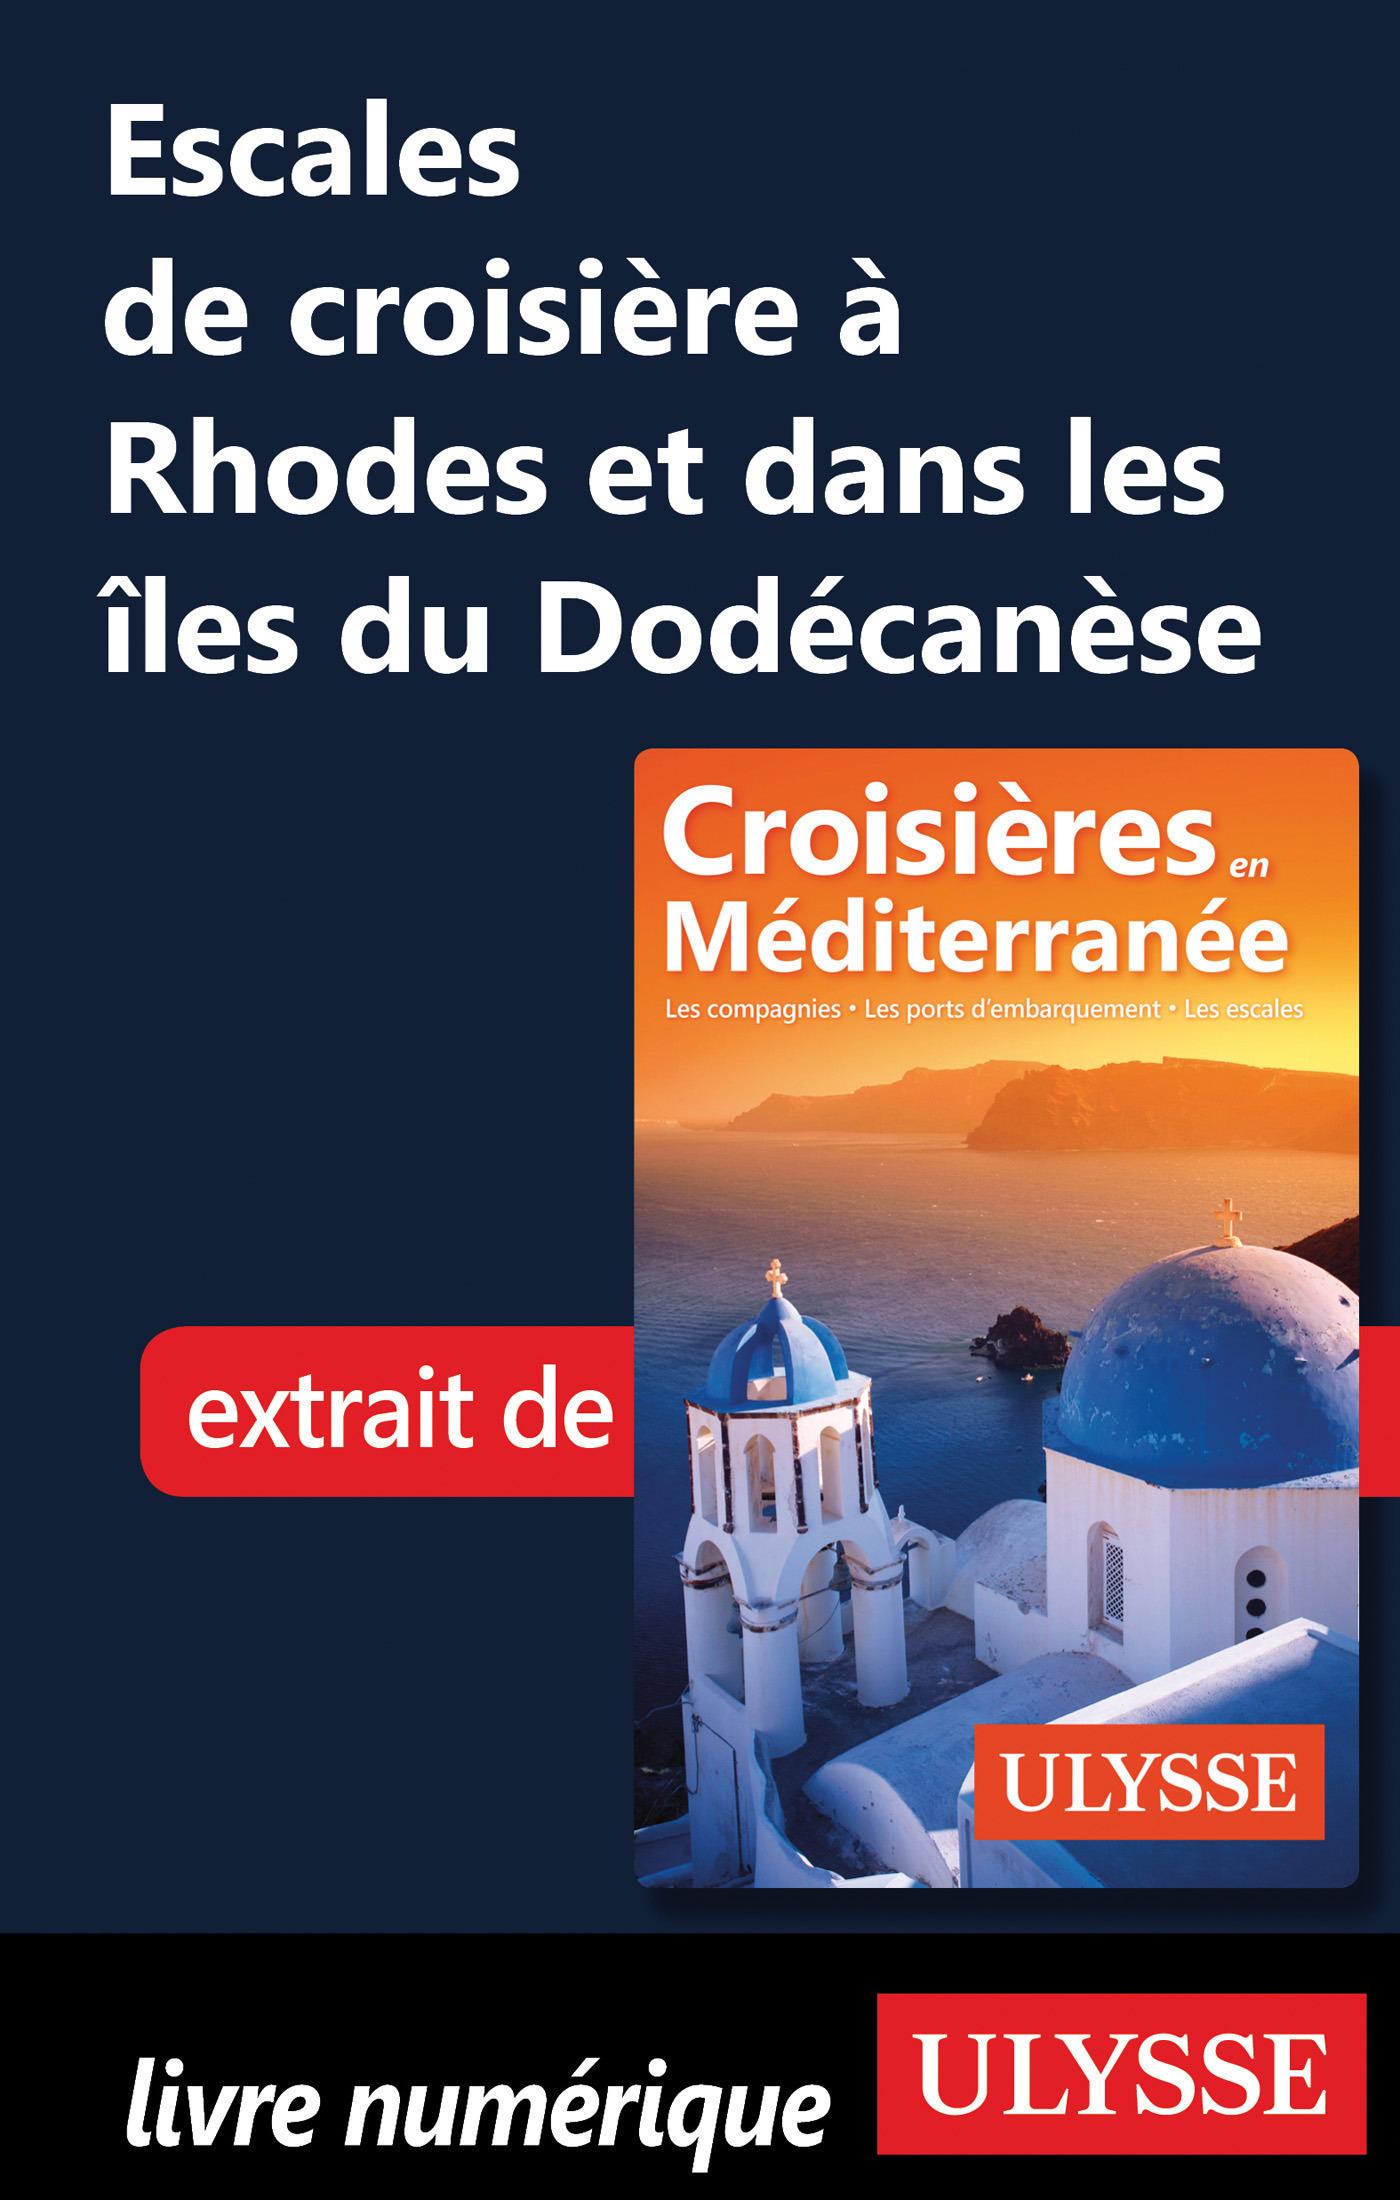 Escales de croisière à Rhodes et dans les îles du Dodécanèse